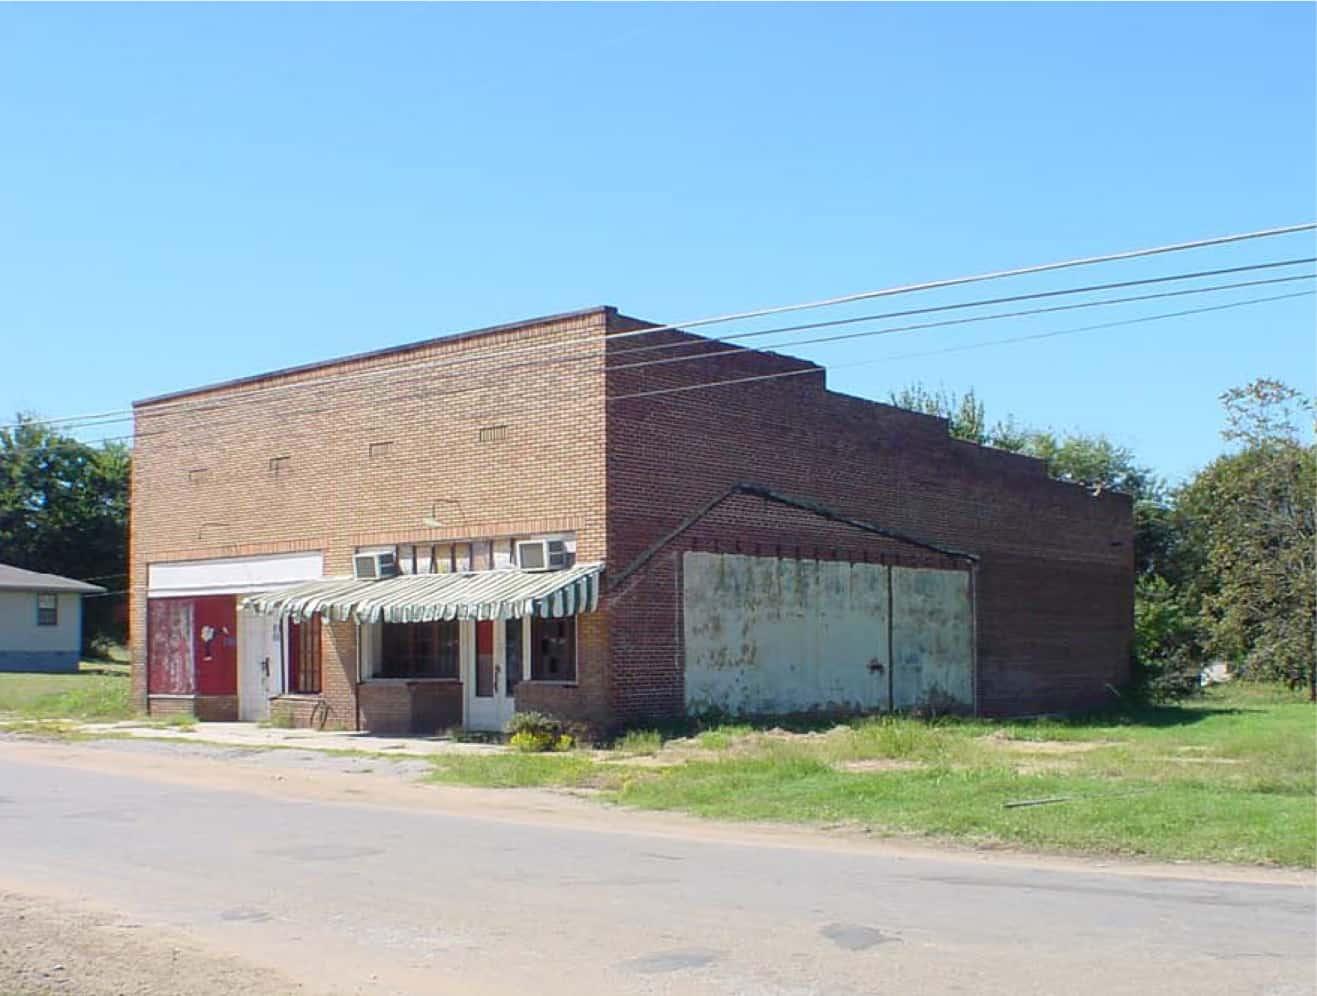 pre-construction exterior